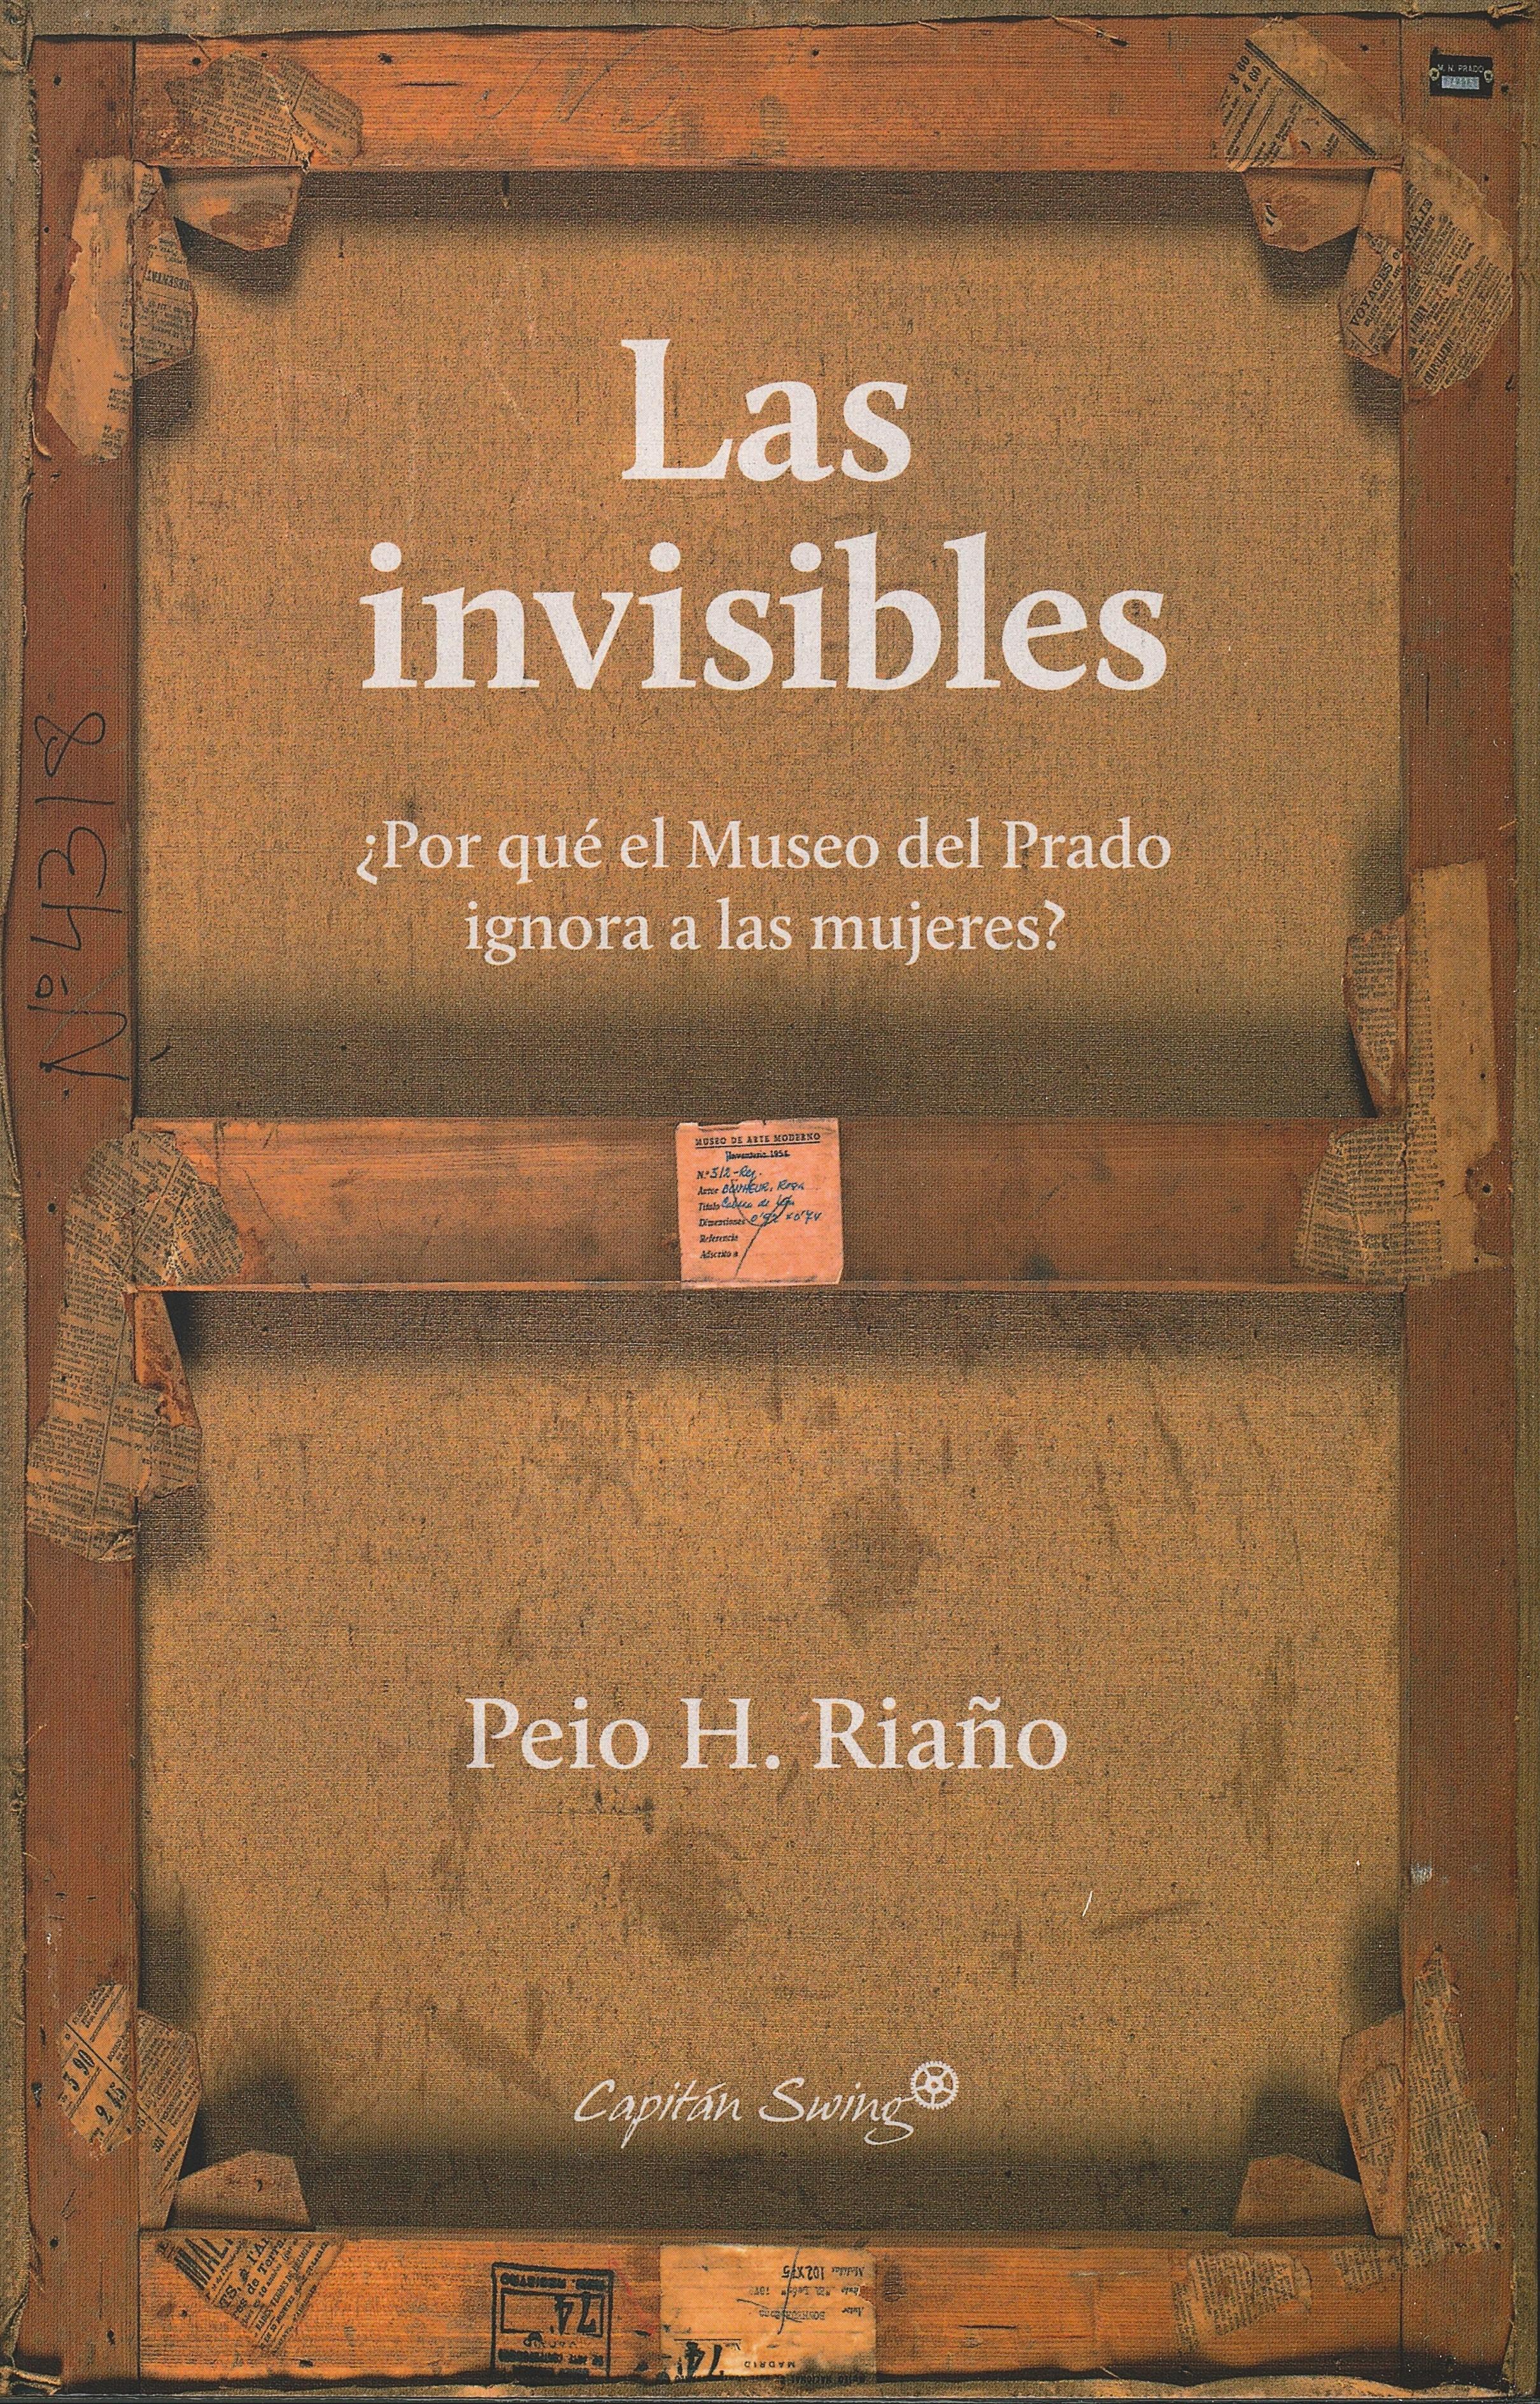 Las invisibles.jpg